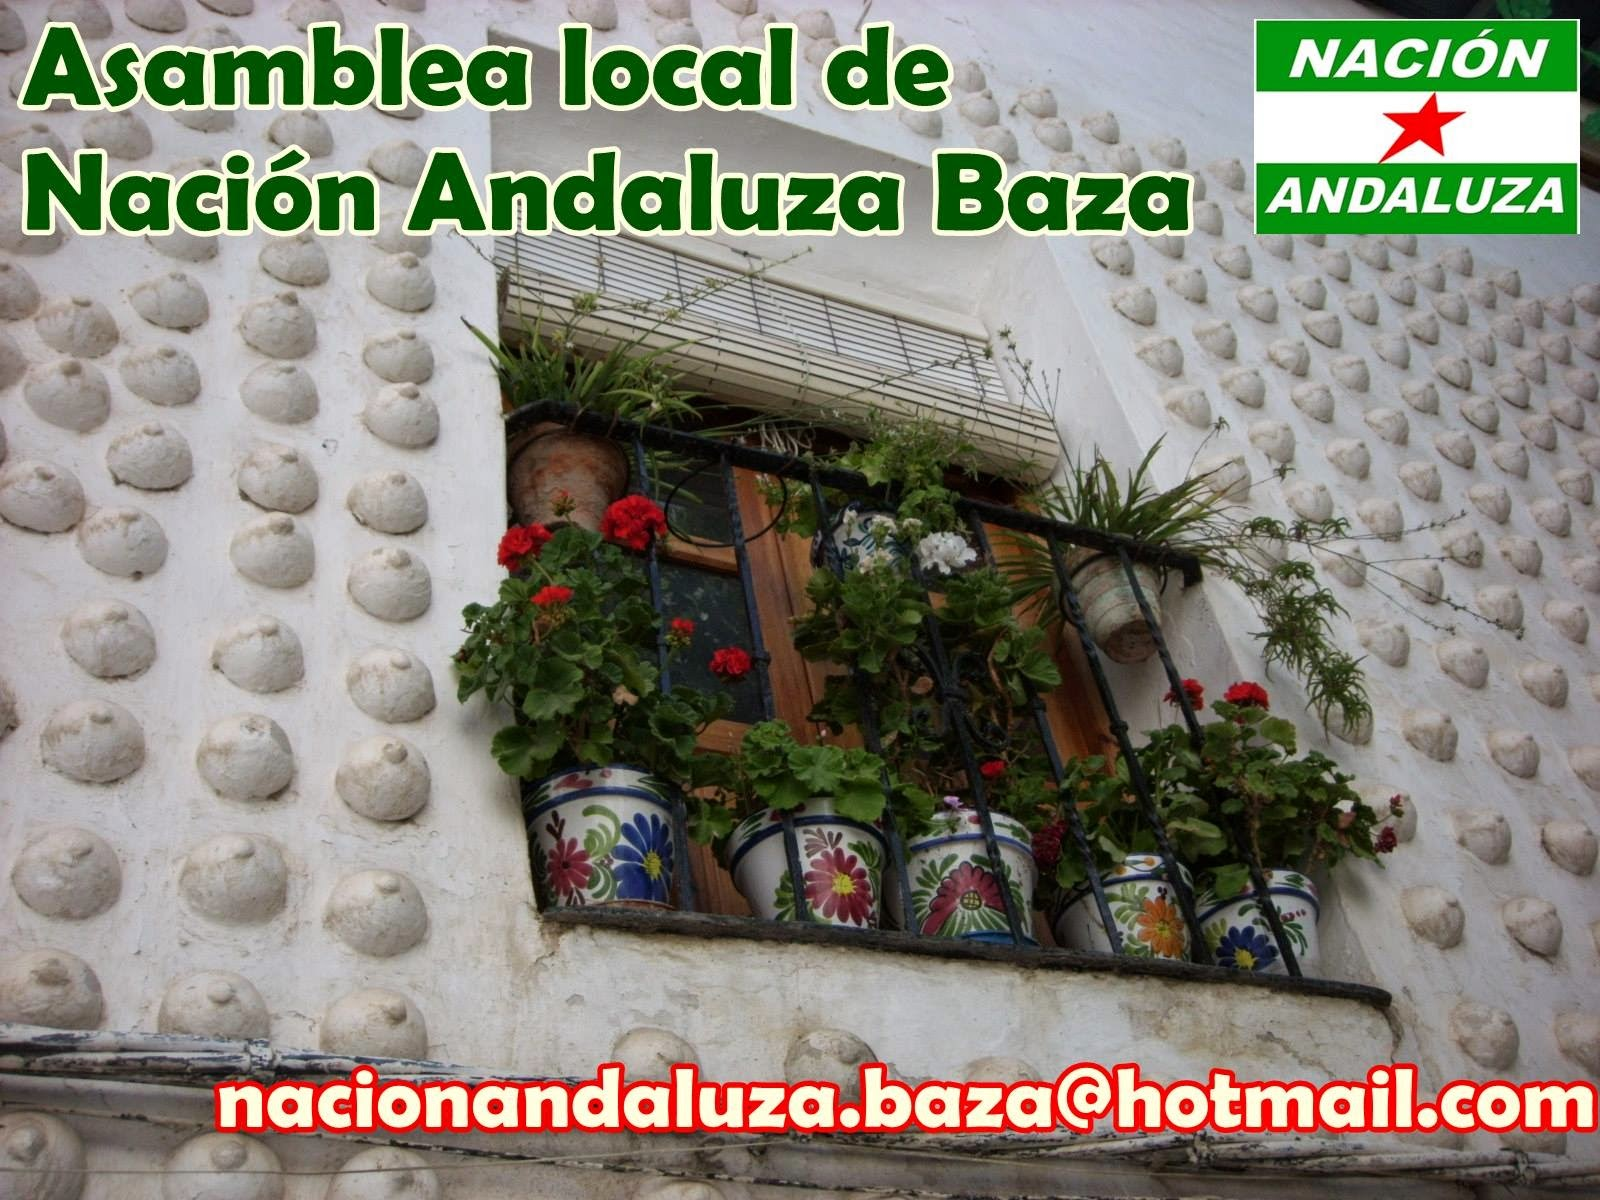 Nación Andaluza-Baza